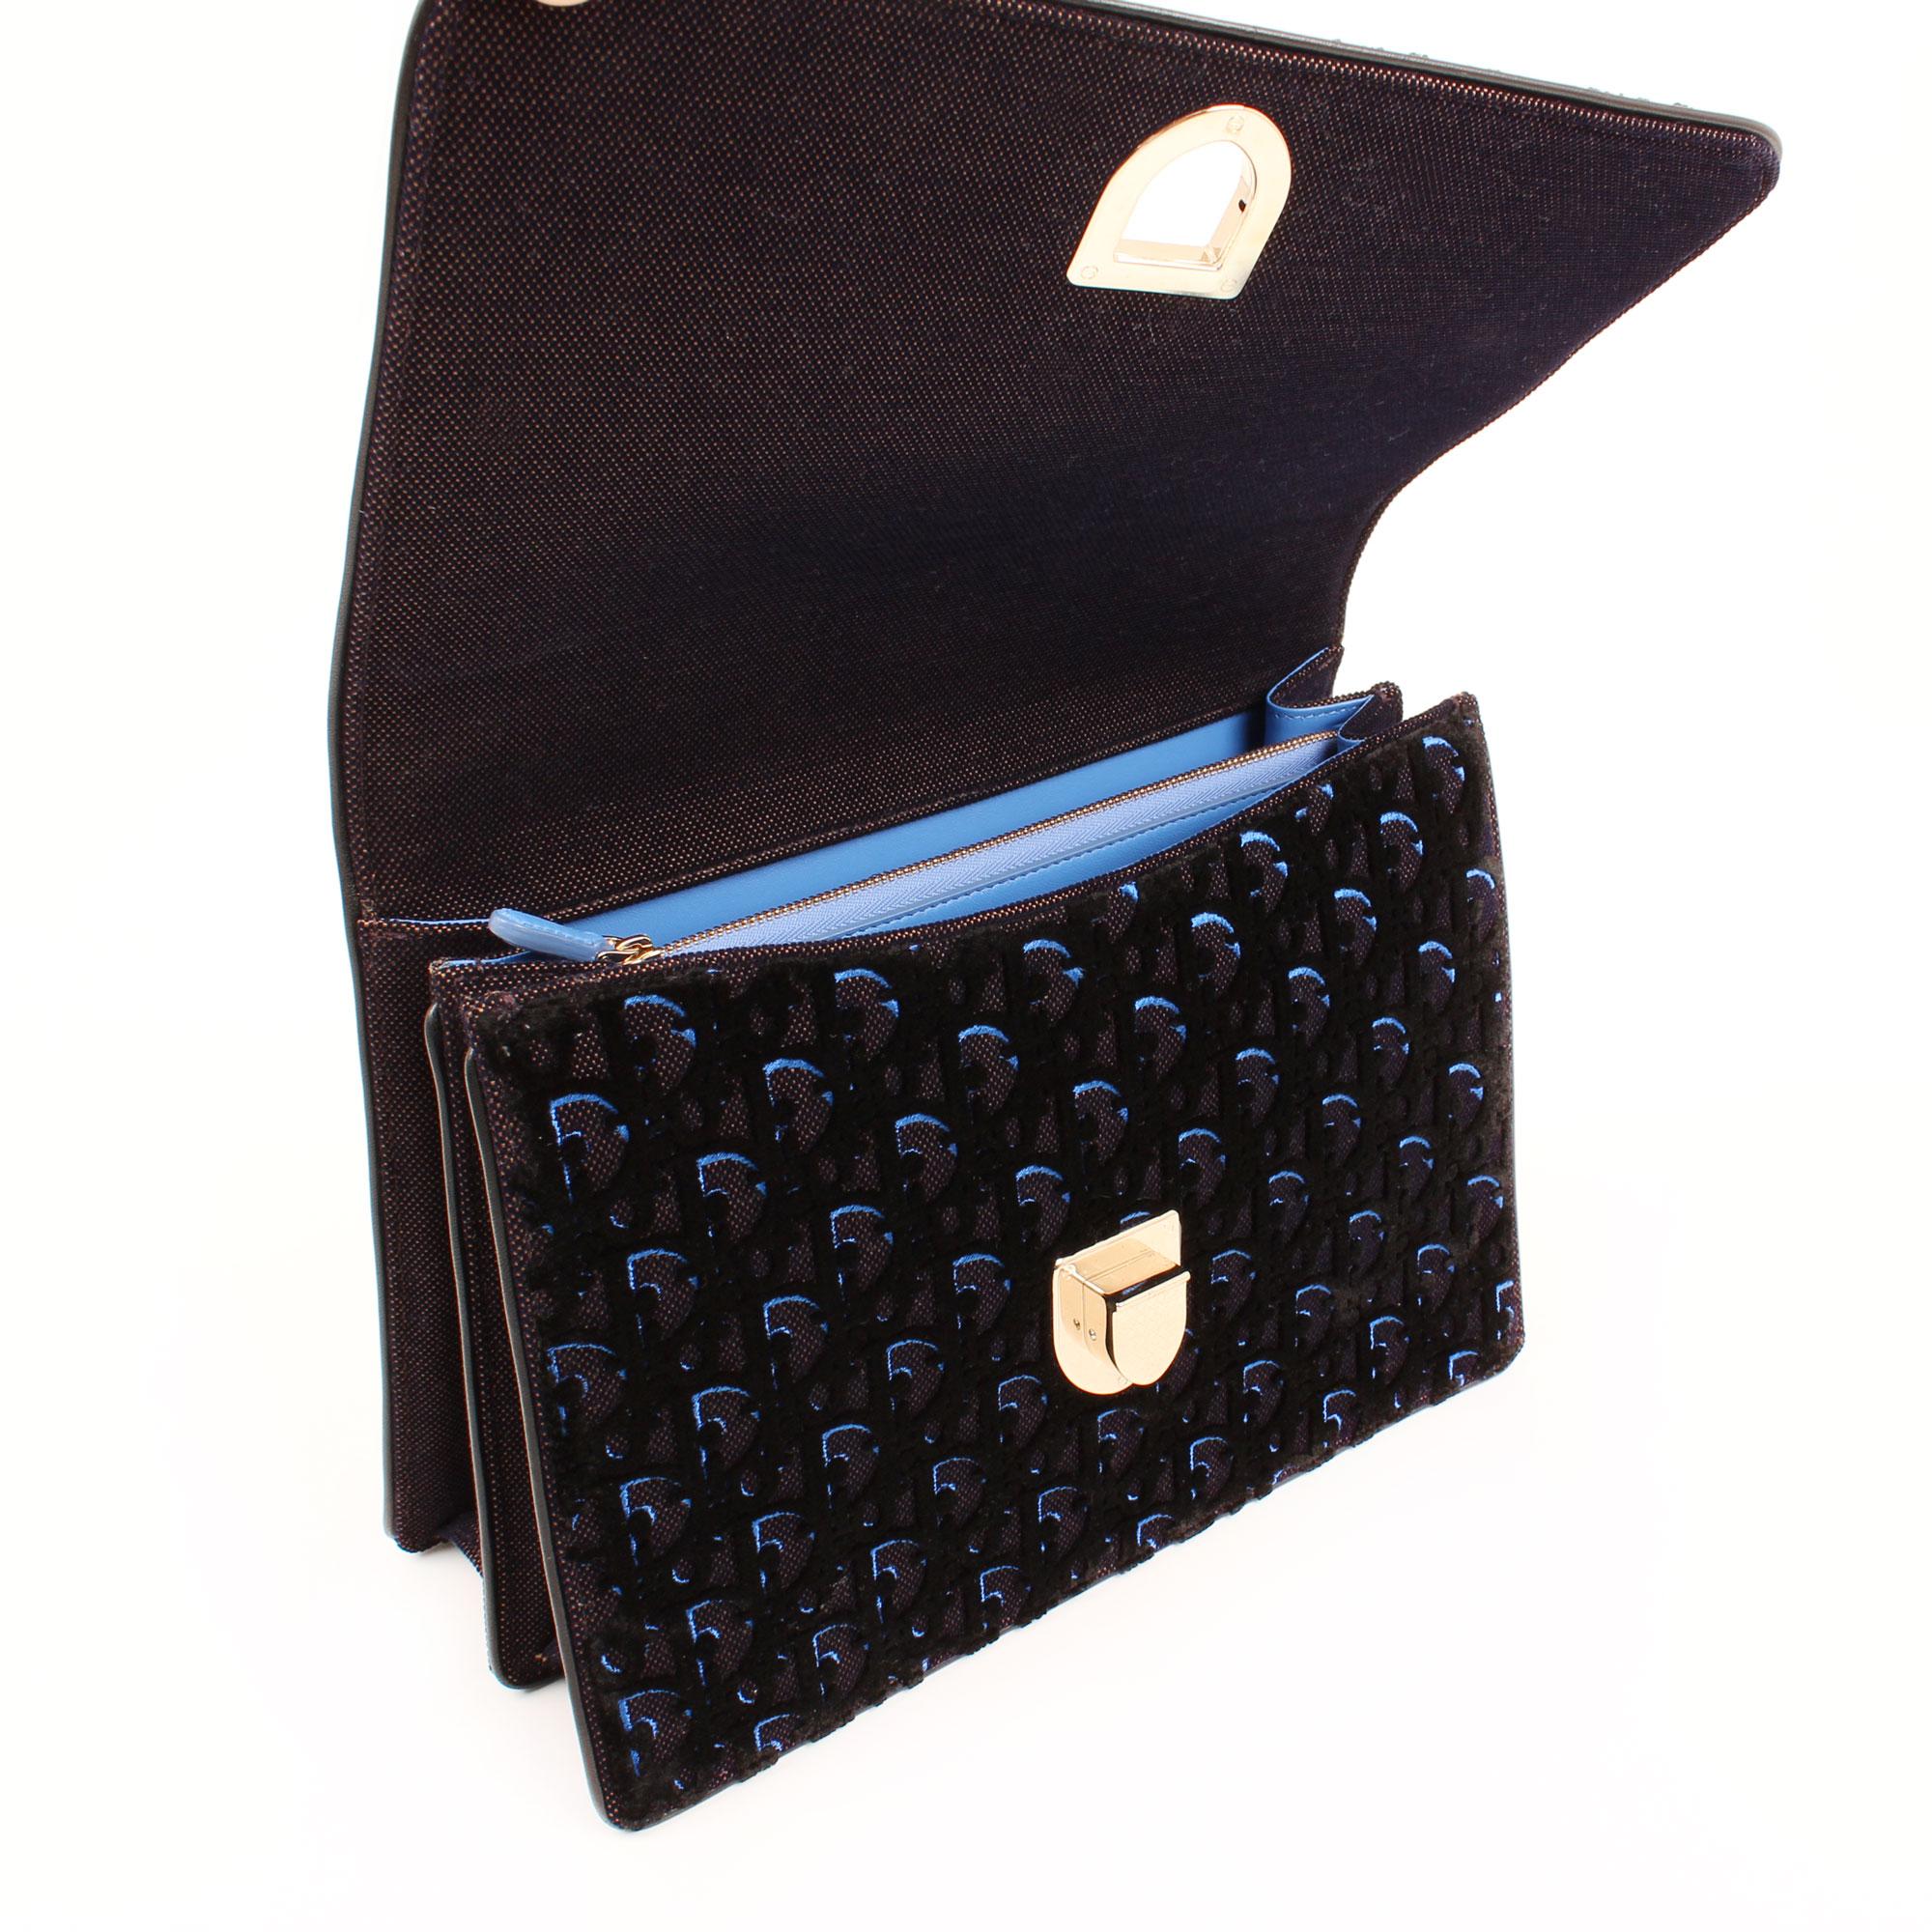 Imagen interior del bolso dior diorama mediano terciopelo piel azul